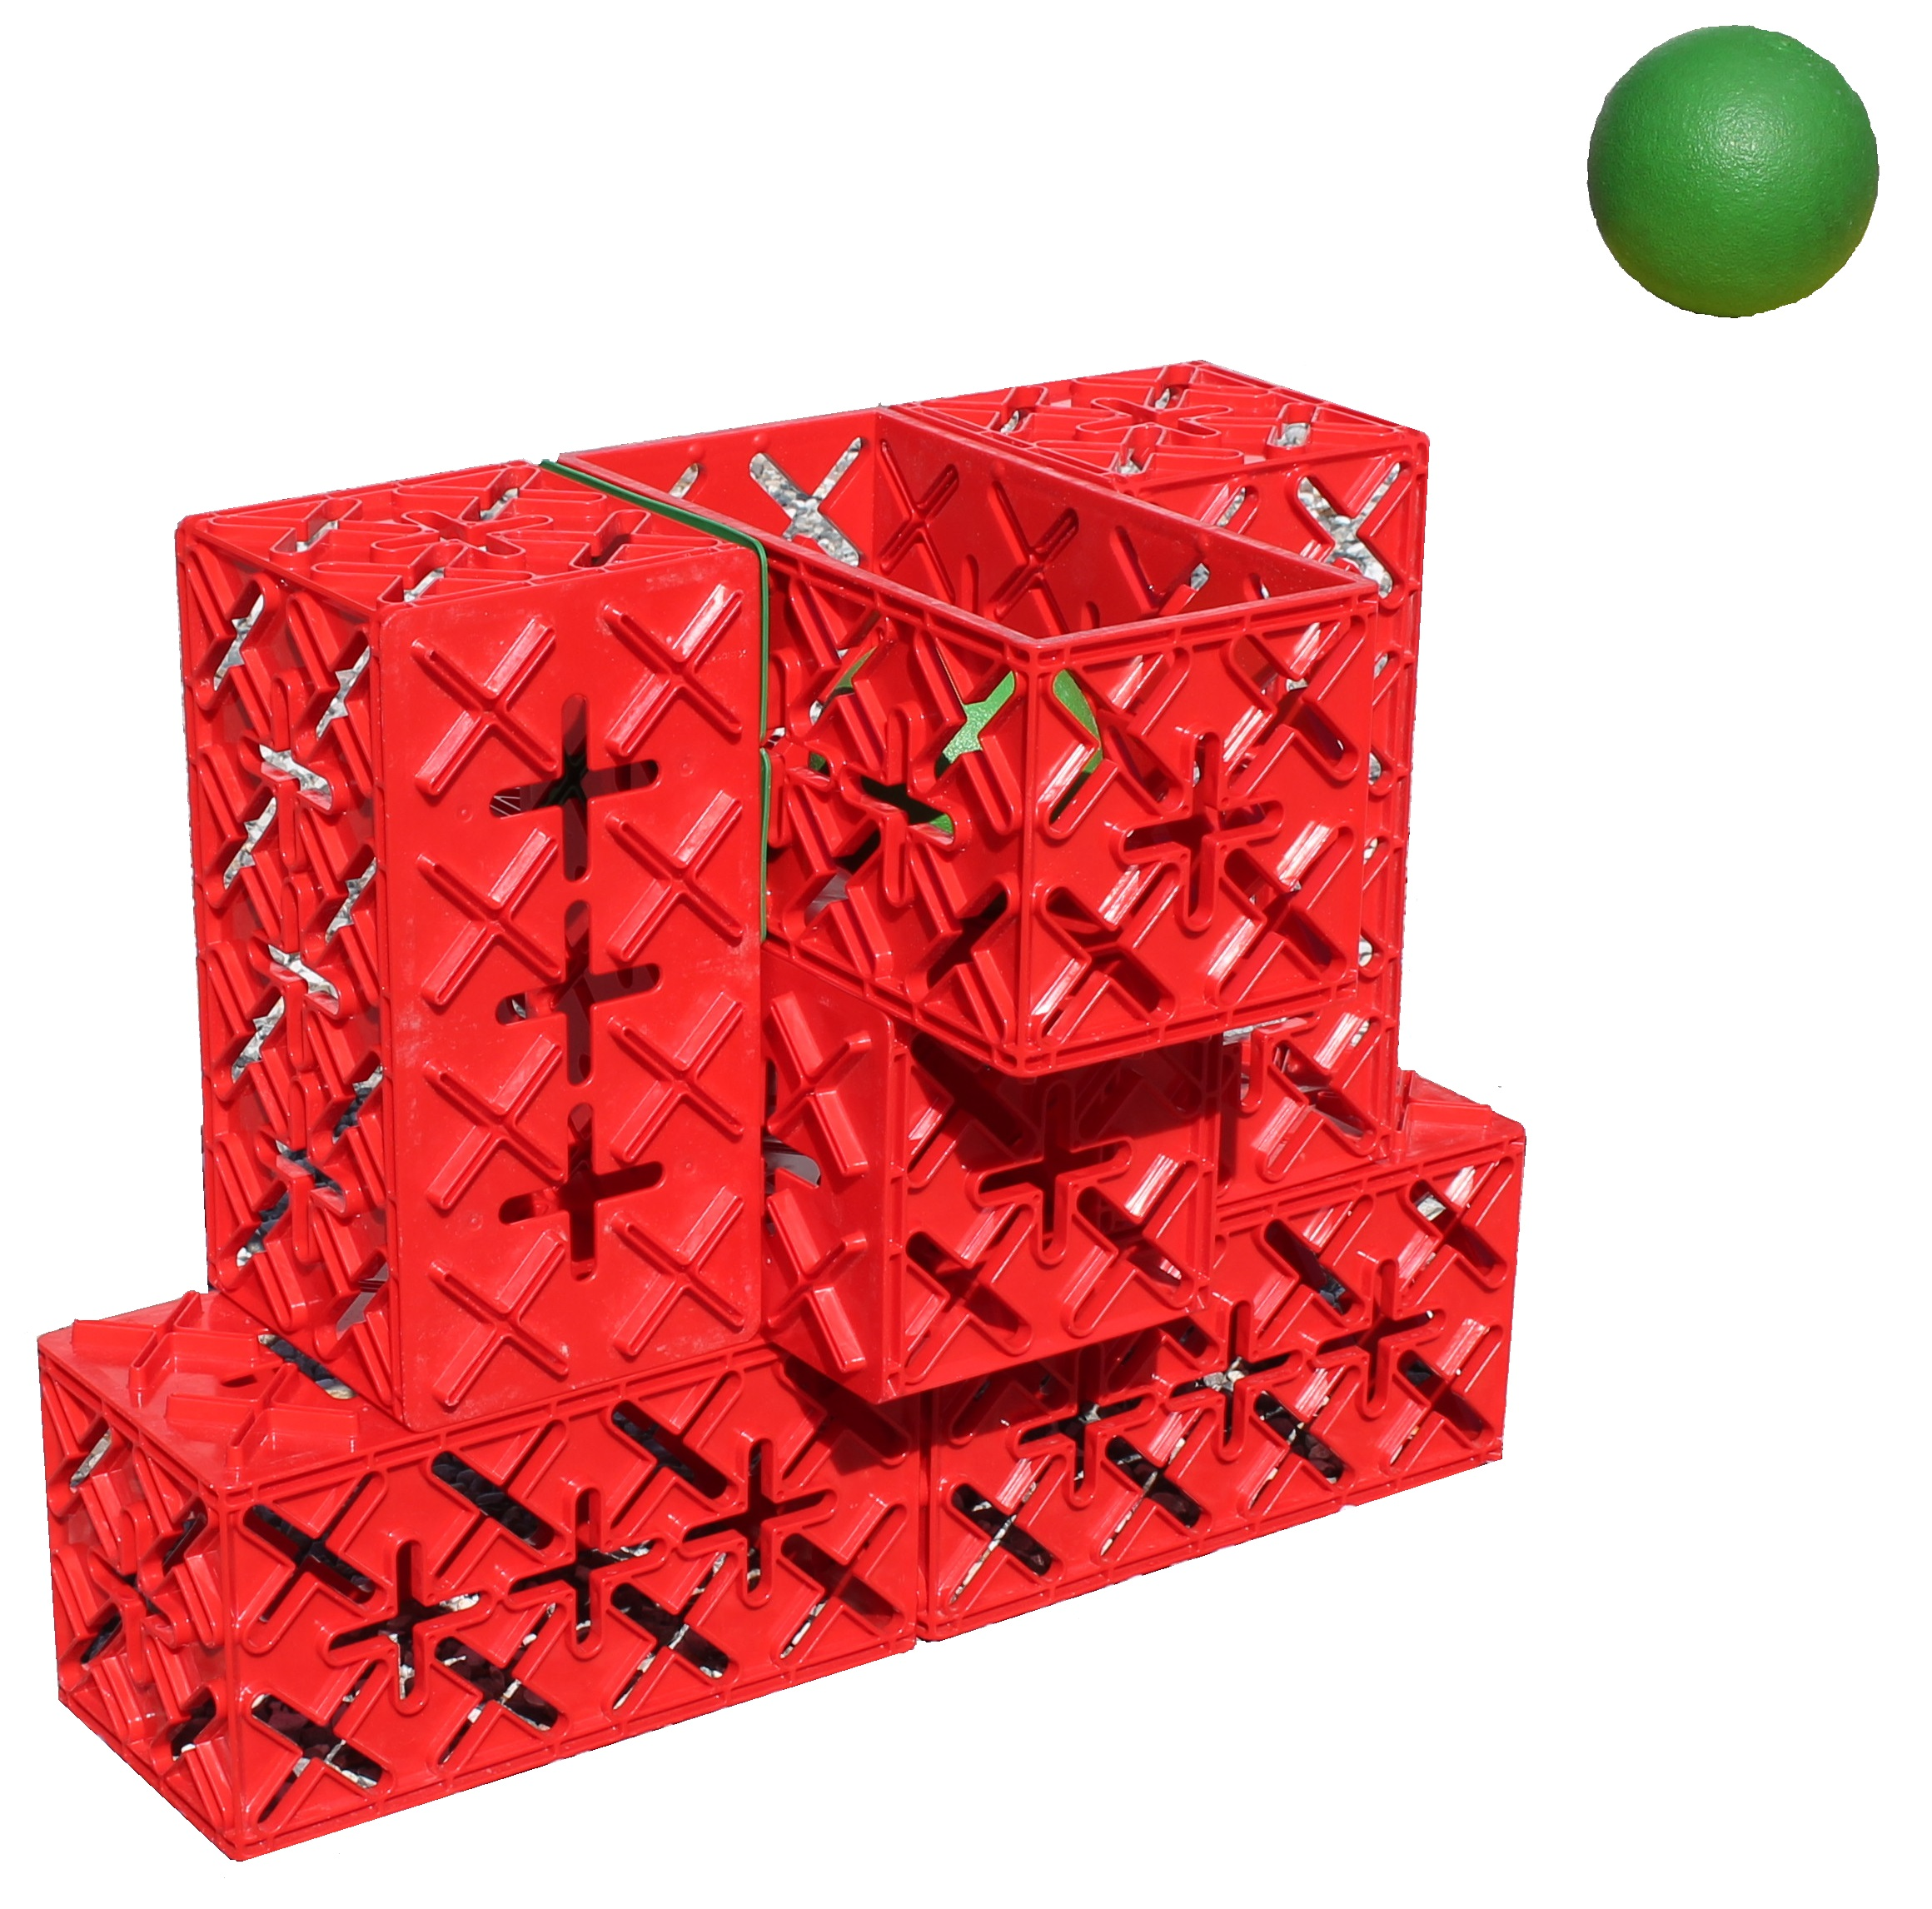 BASKETKURV/POINTKURV. 6KLODSER - Så skal det kastes! Denne lille basketkurv er 67,5 cm høj, og super sjov at kaste bolde ned i :) 1 Point = 1 High five!